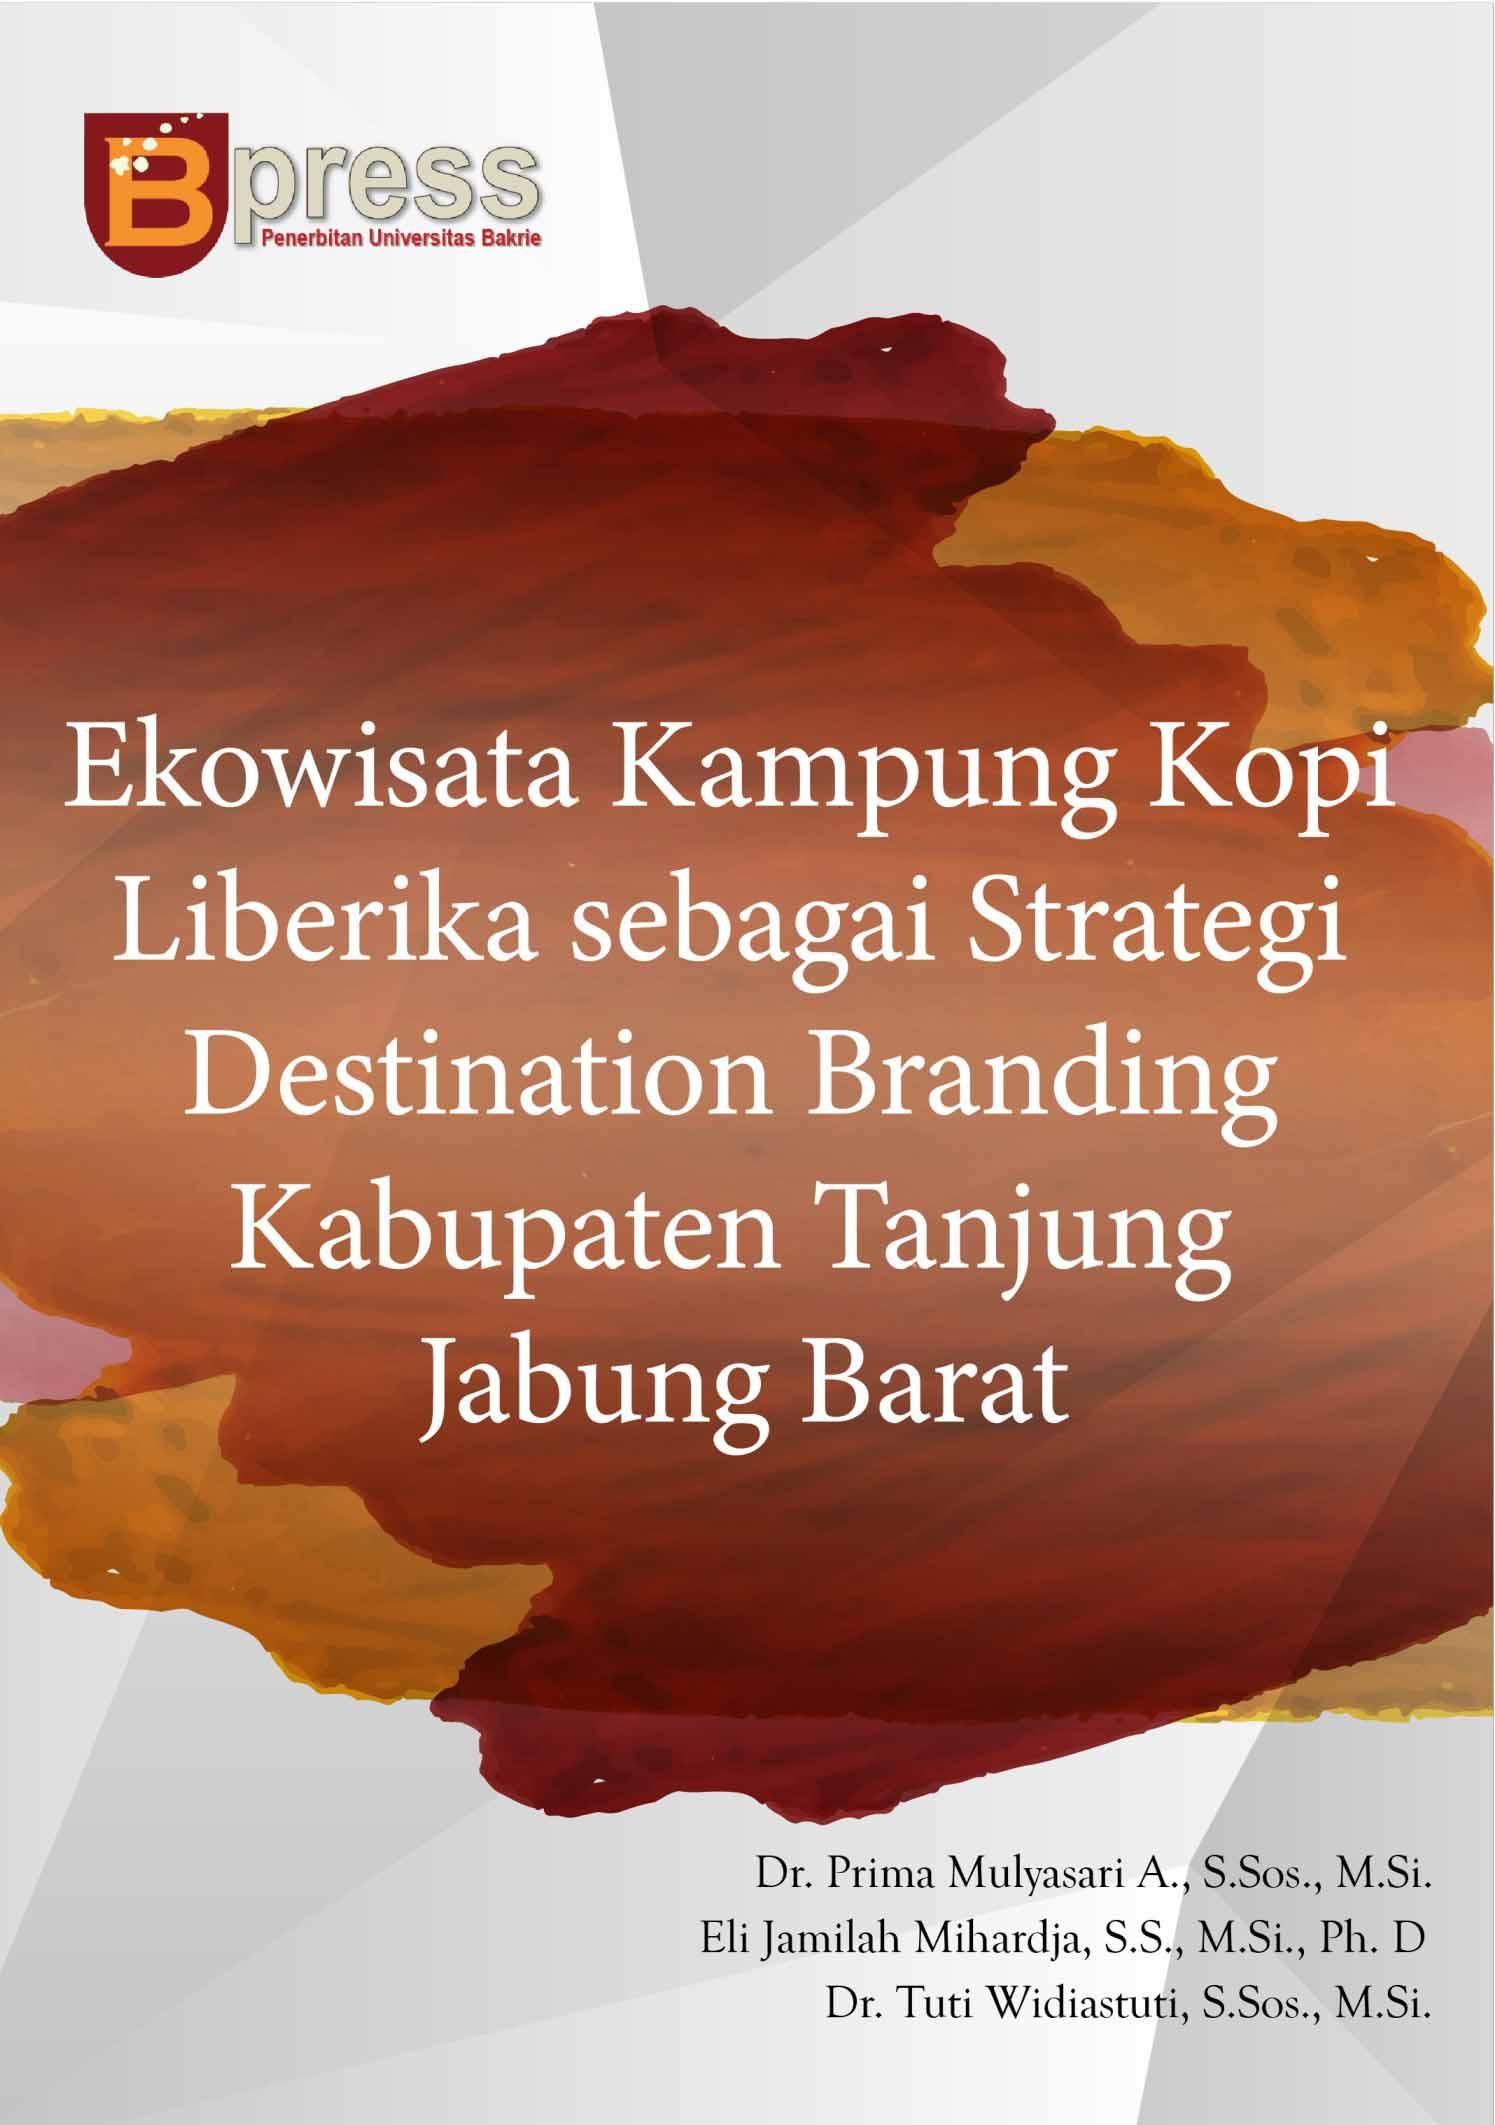 Ekowisata Kampung Kopi Liberika sebagai strategi destination branding Kabupaten Tanjung Jabung Barat [sumber elektronis]